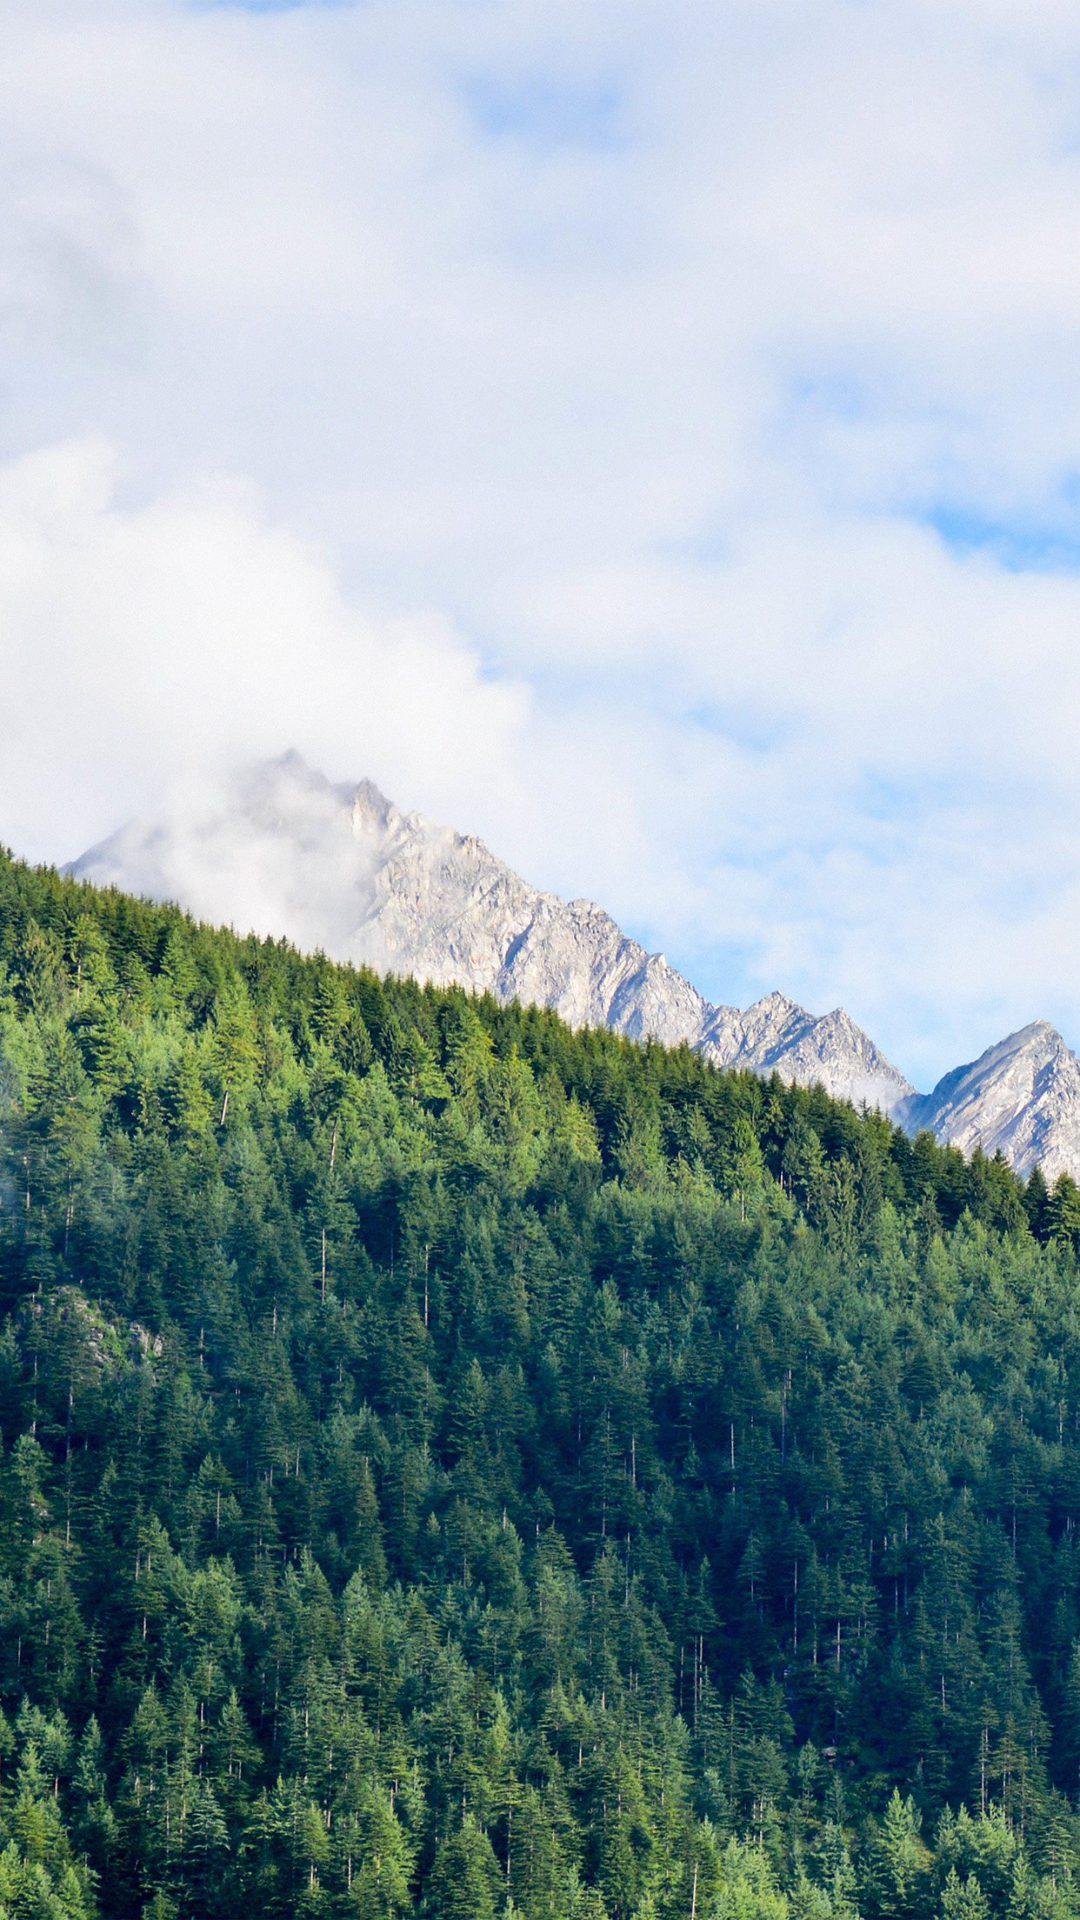 Wood Nature Mountain Blue Green Summer